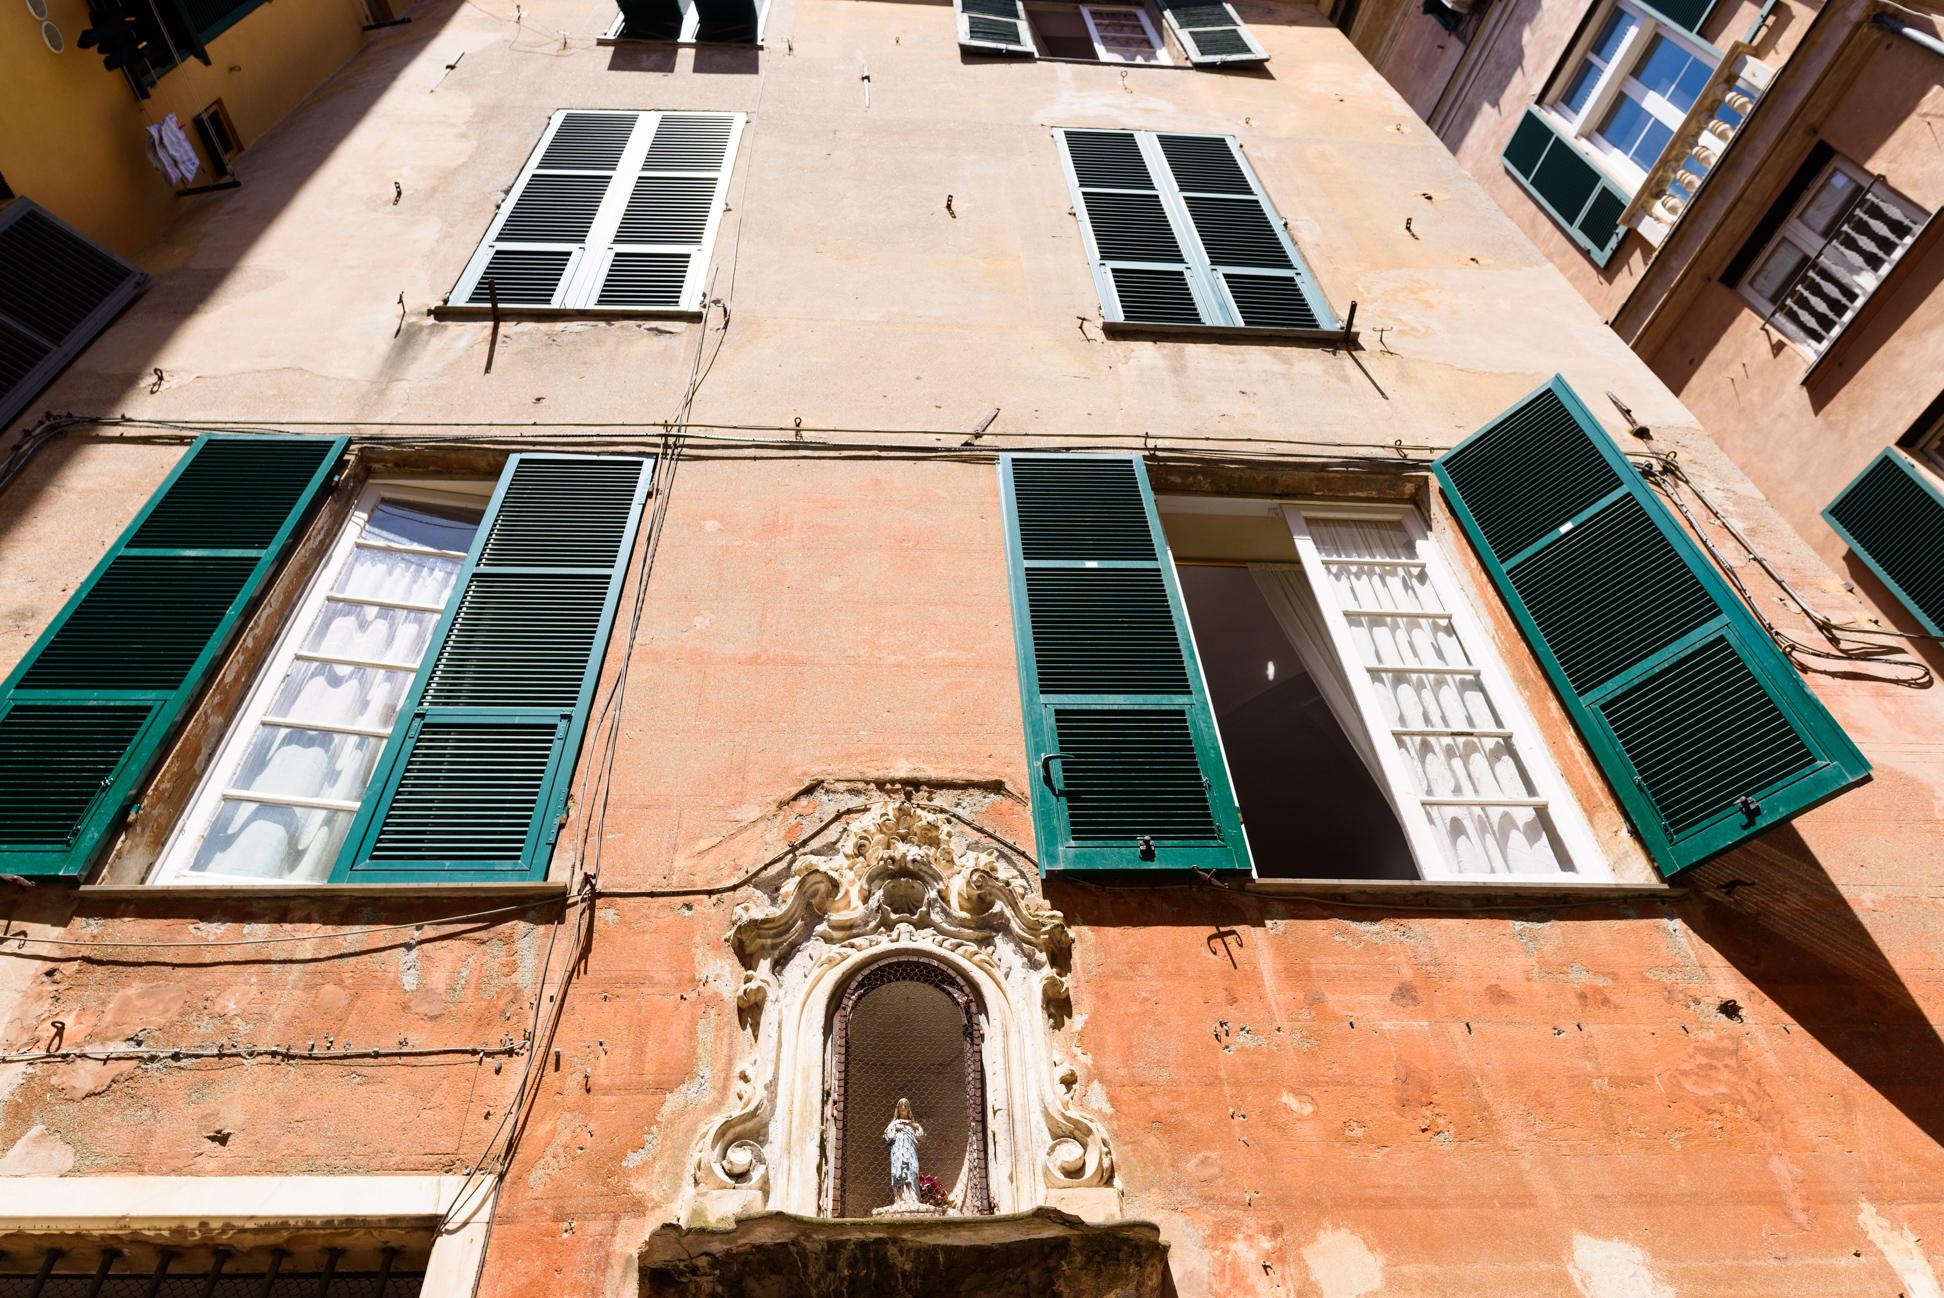 genova-viajes-italia-dsc1712.jpg